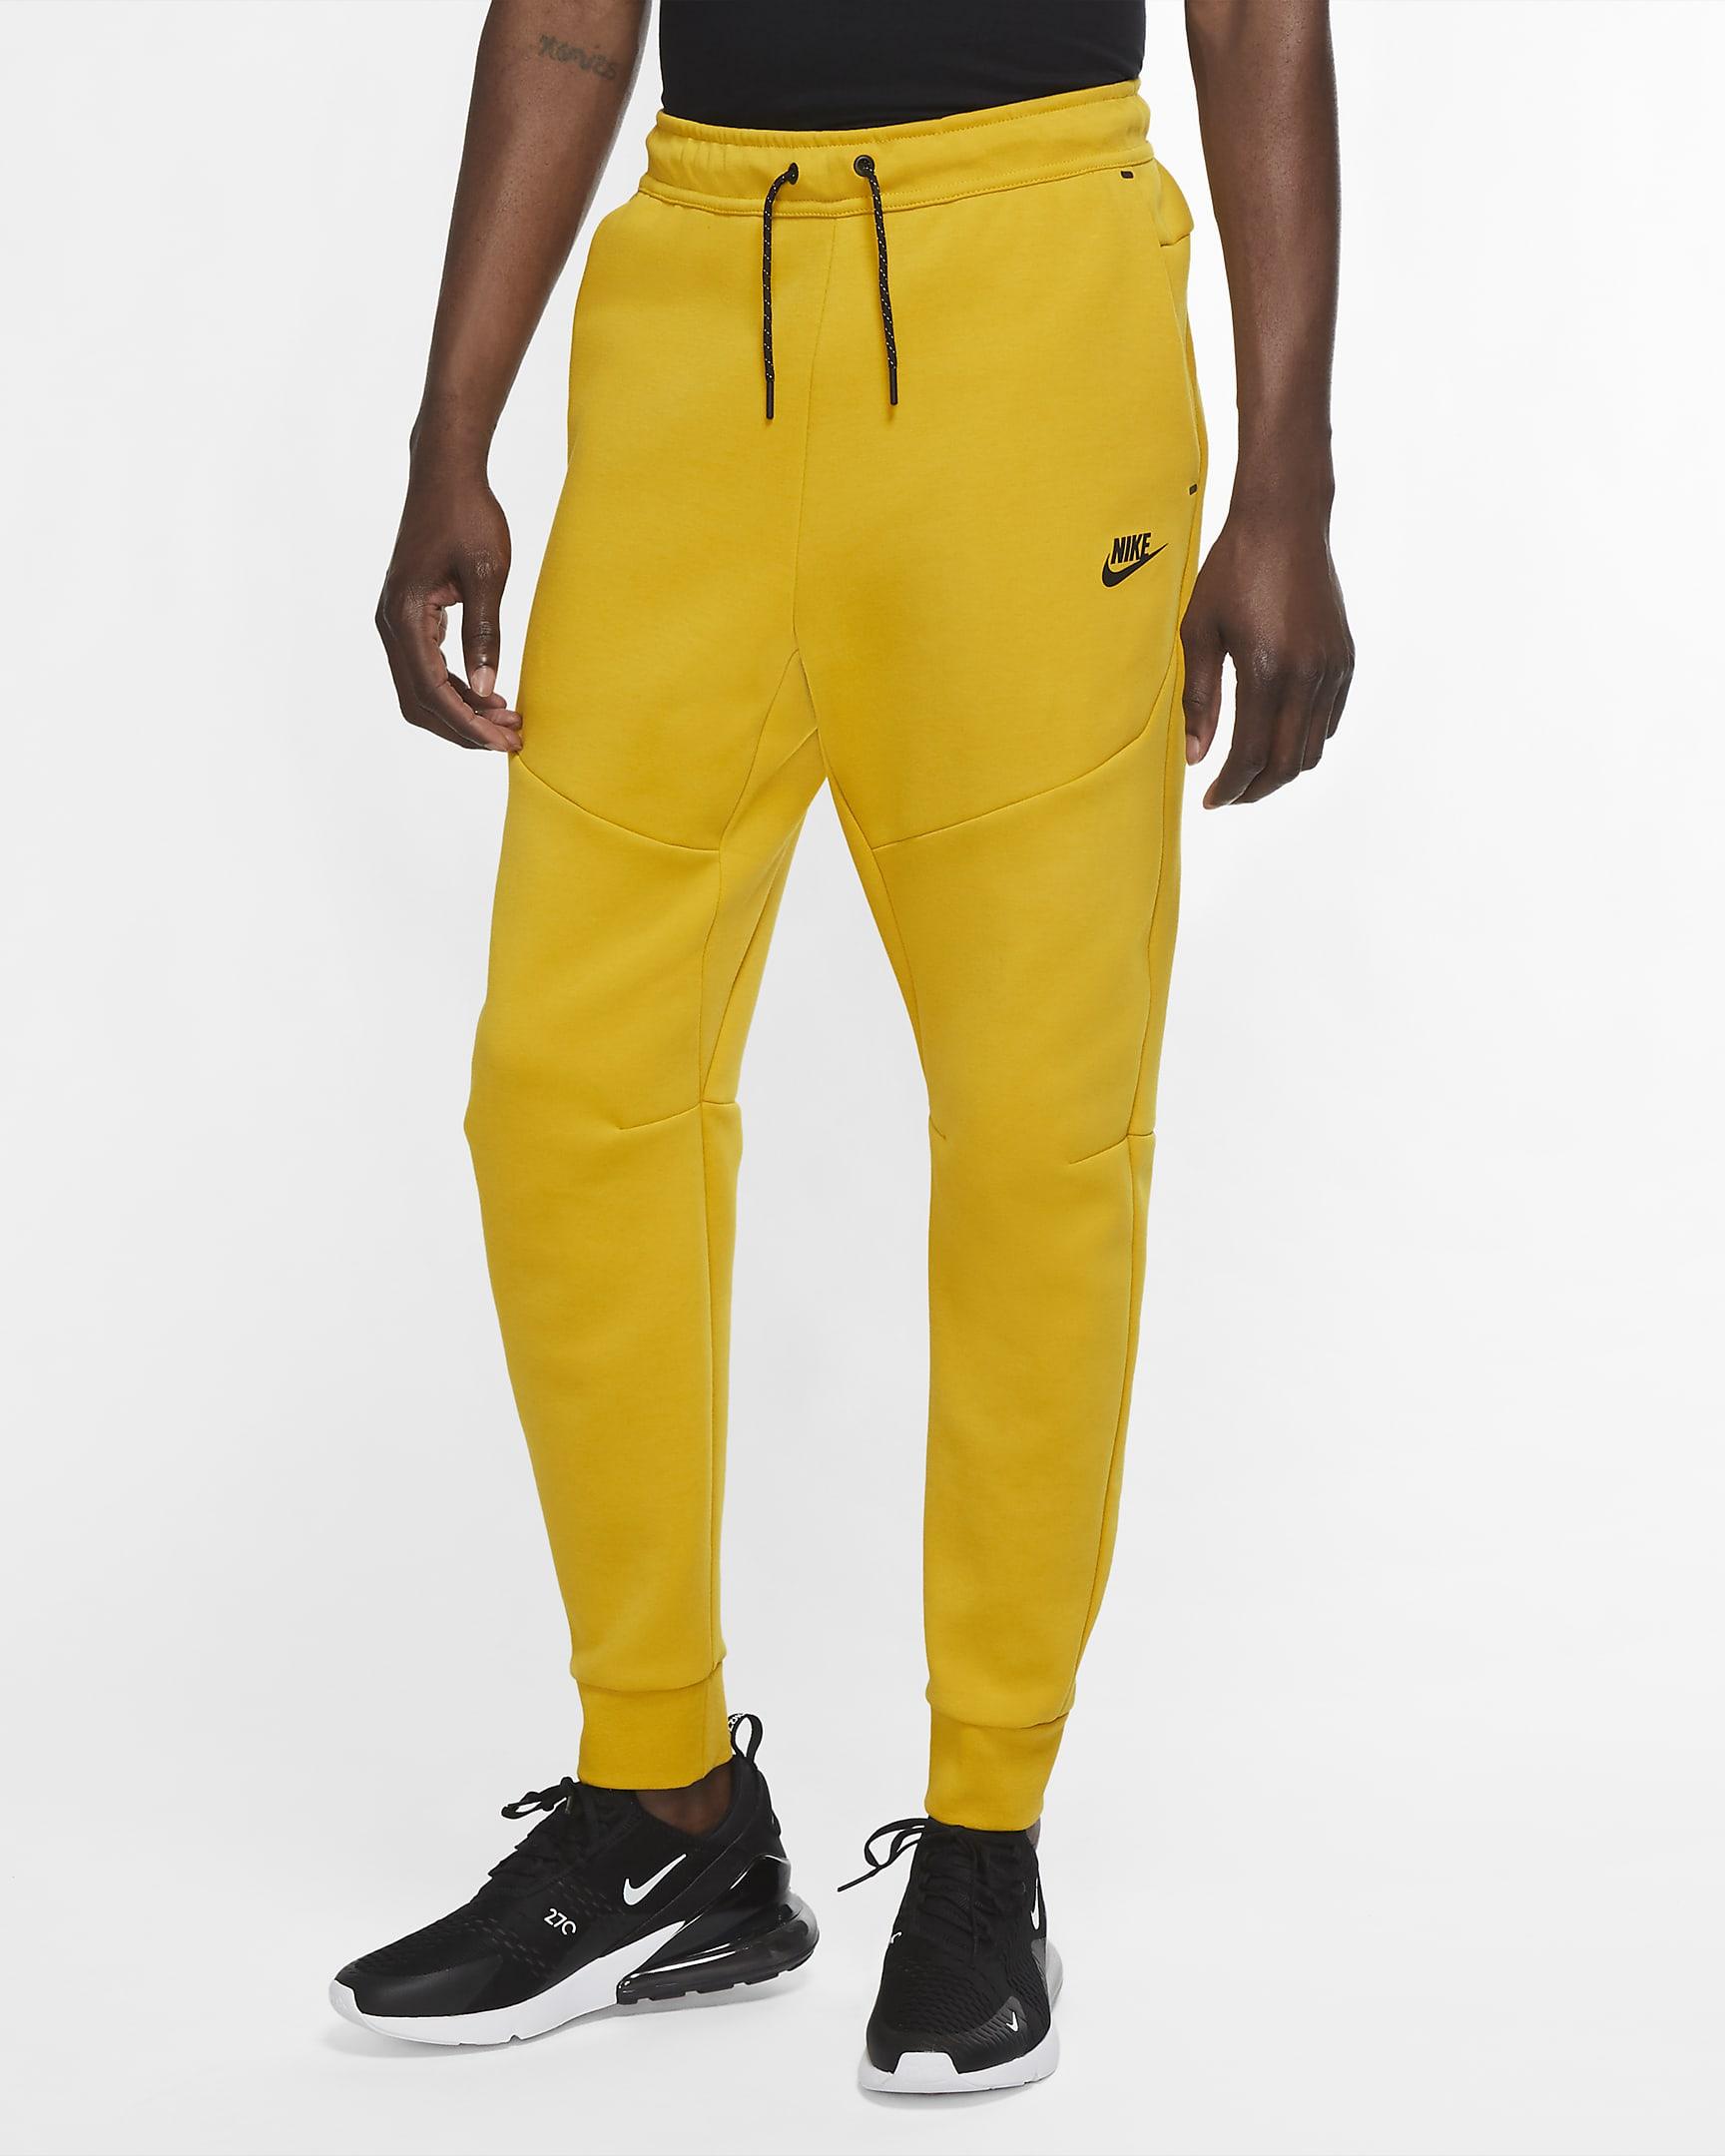 sportswear-tech-fleece-mens-joggers-4x29ft